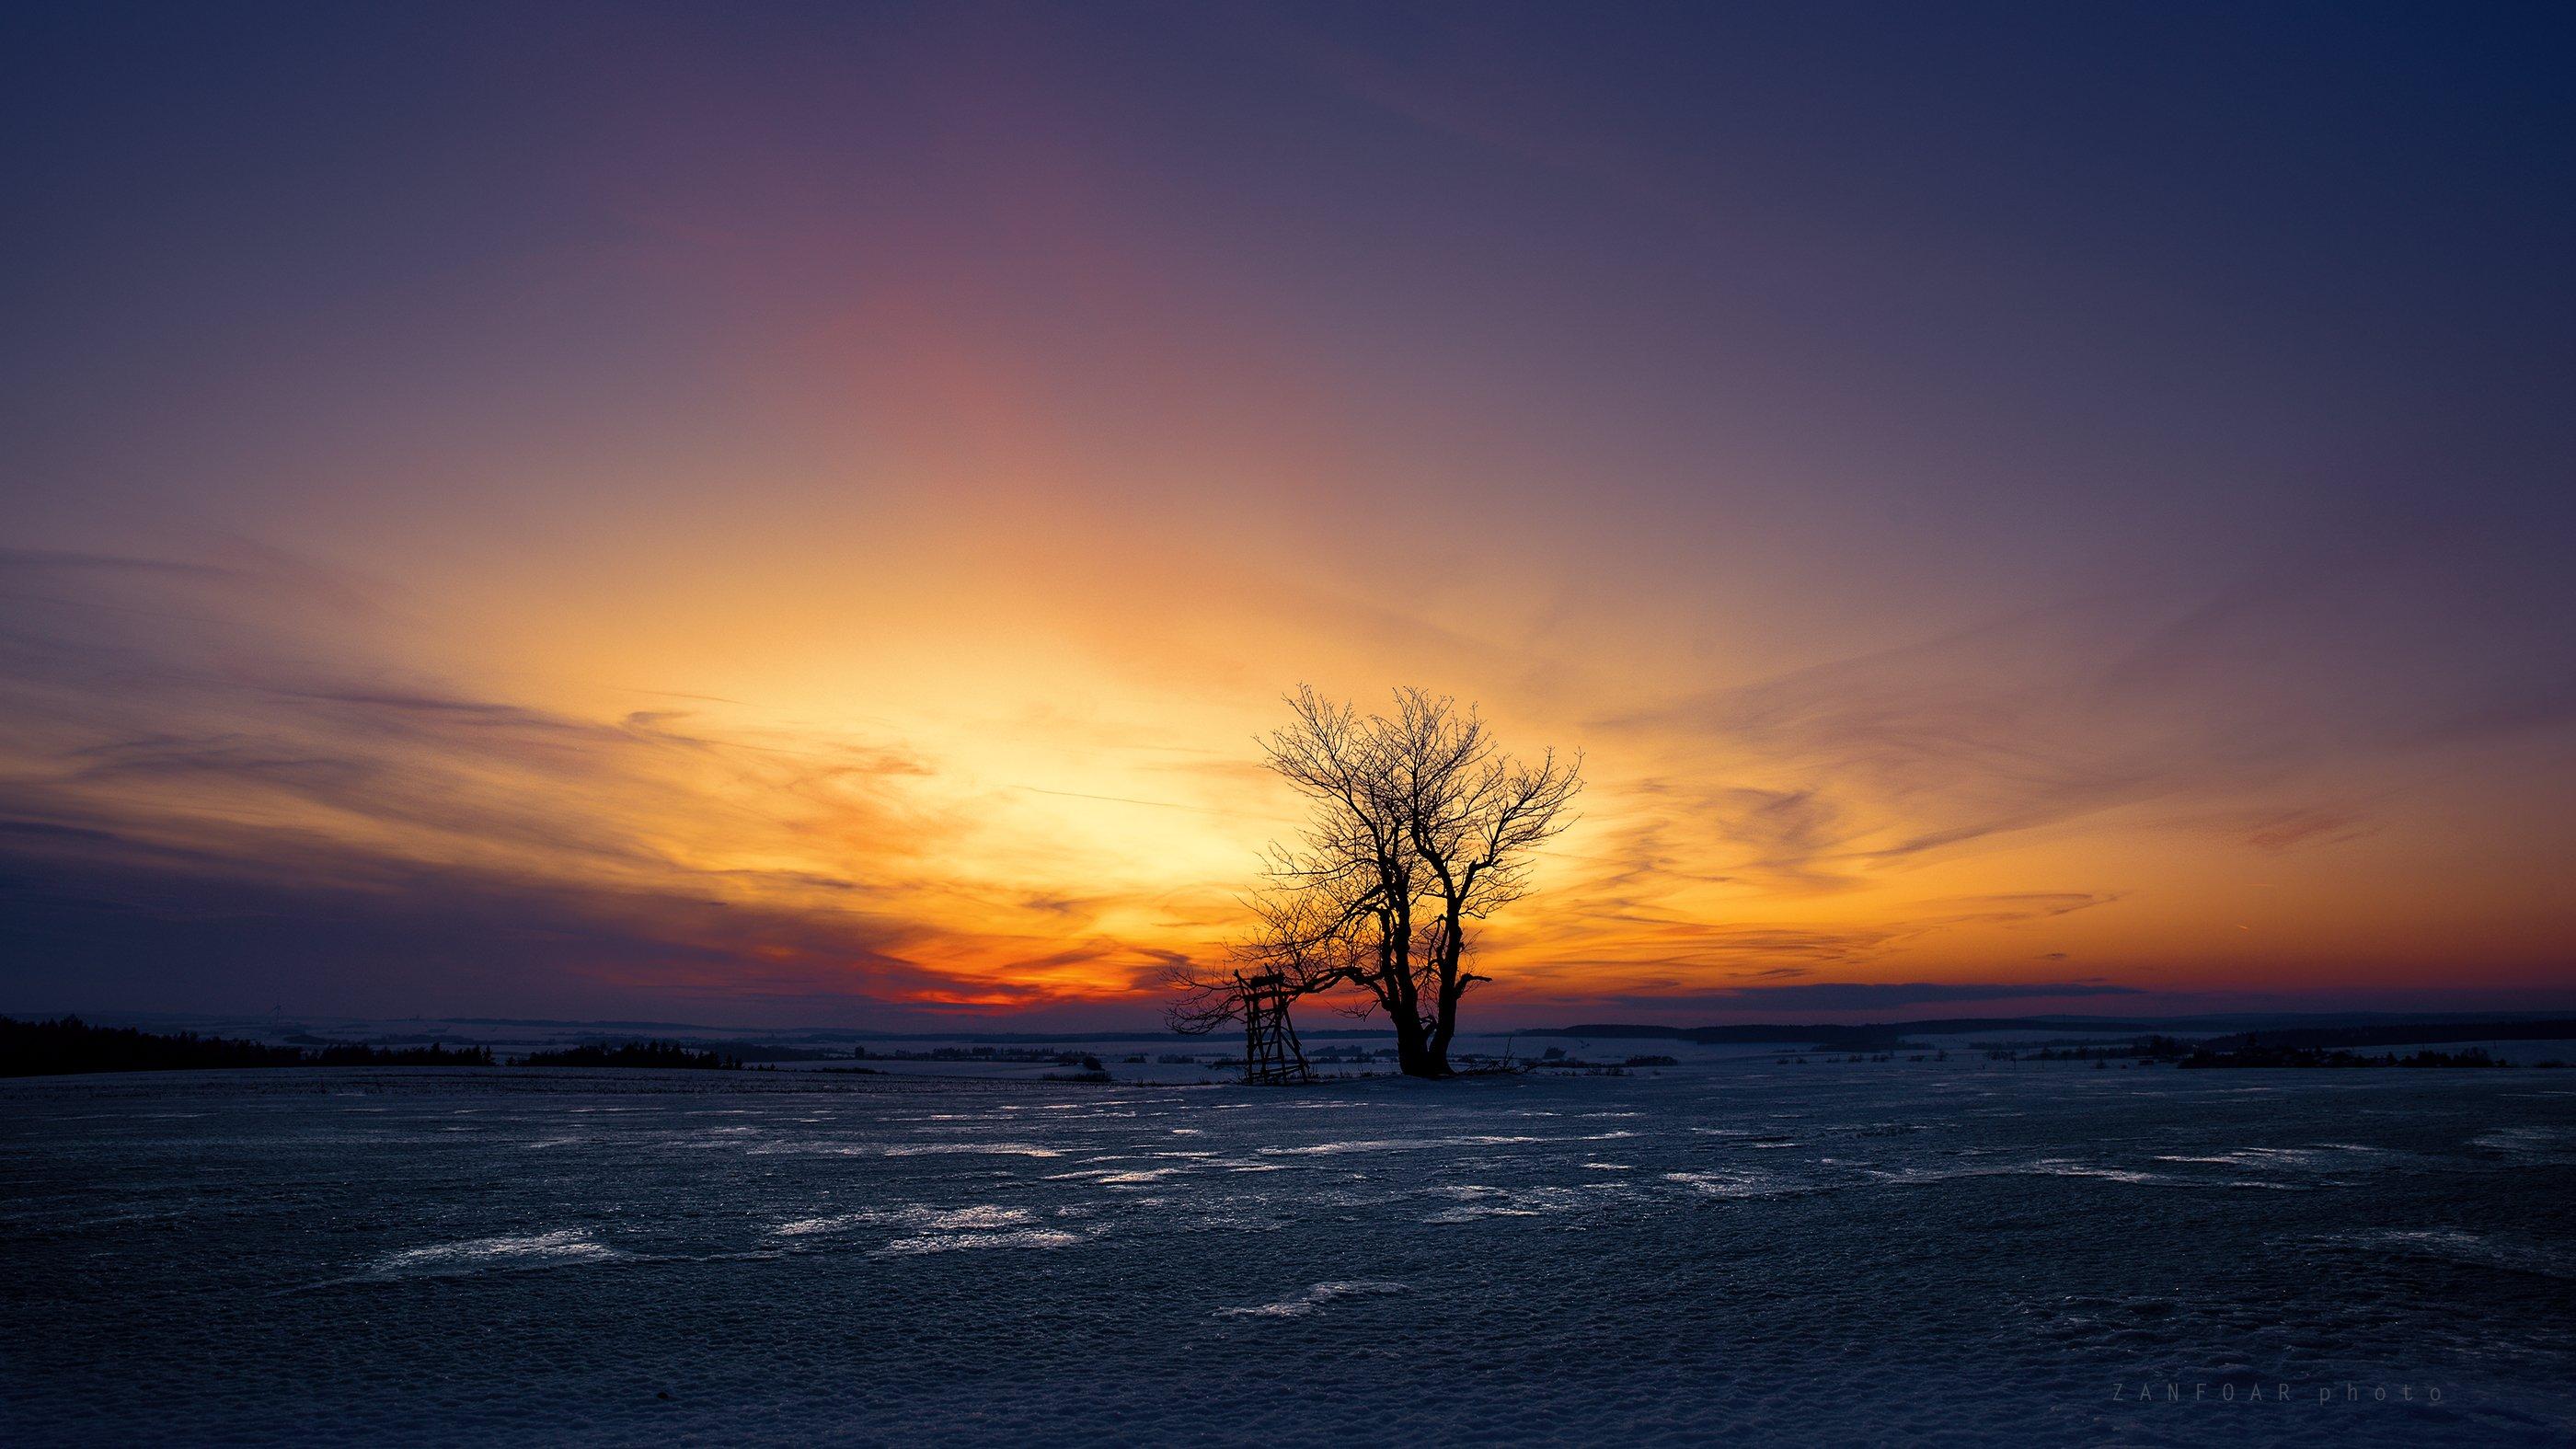 зимний ,закат,horizont,landscape,sunsat,zanfoar,czech republic, Zanfoar